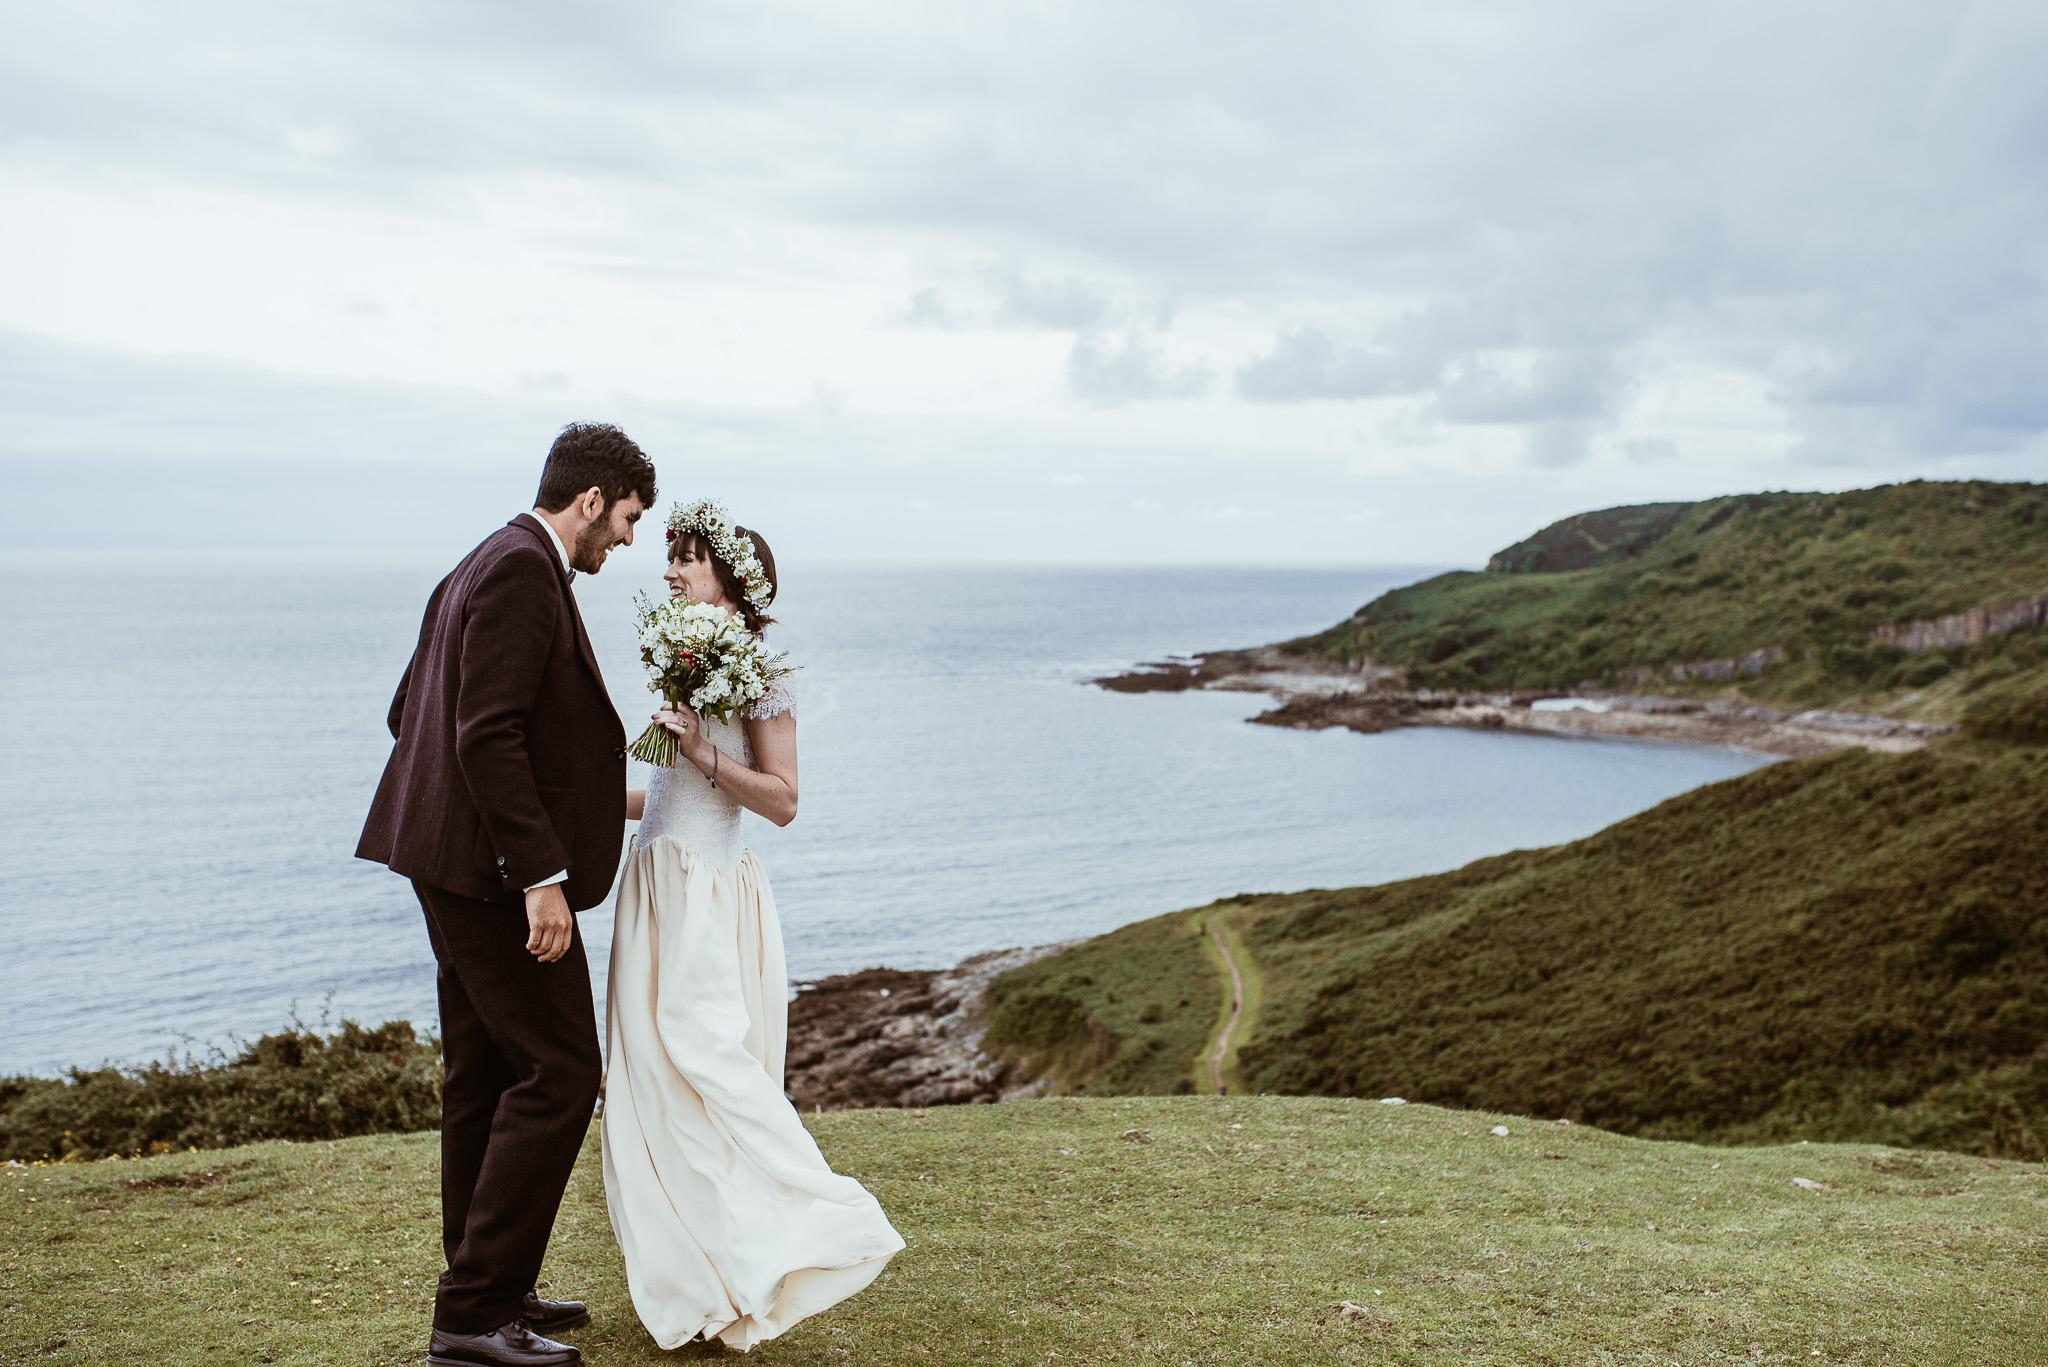 Swansea Wedding Photographer |Bride and Groom | South Wales Photographer | Portrait Photography | Couples Photography